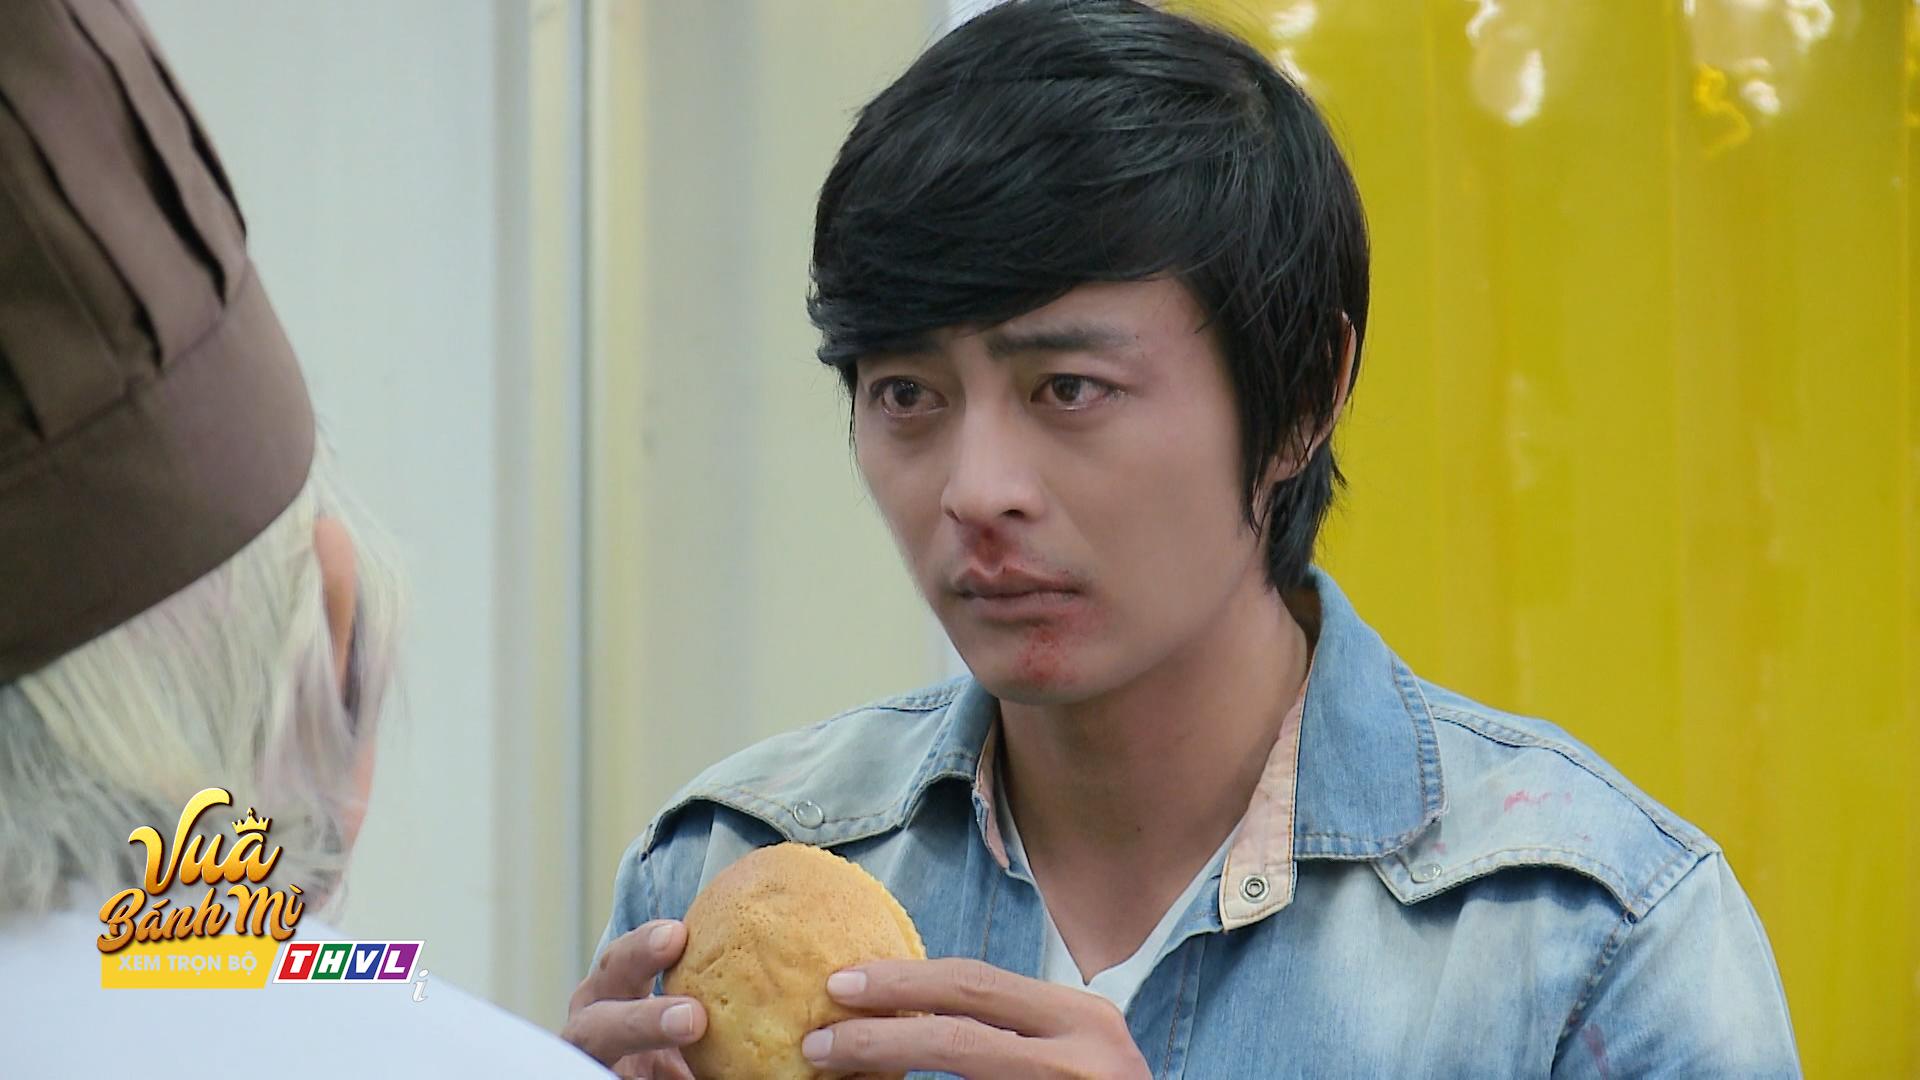 'Vua bánh mì' tập 26: 'Không ai cho lương thiện', Hữu Nguyệnleo rào đột nhập nhà bà Khuê để trả thù 3